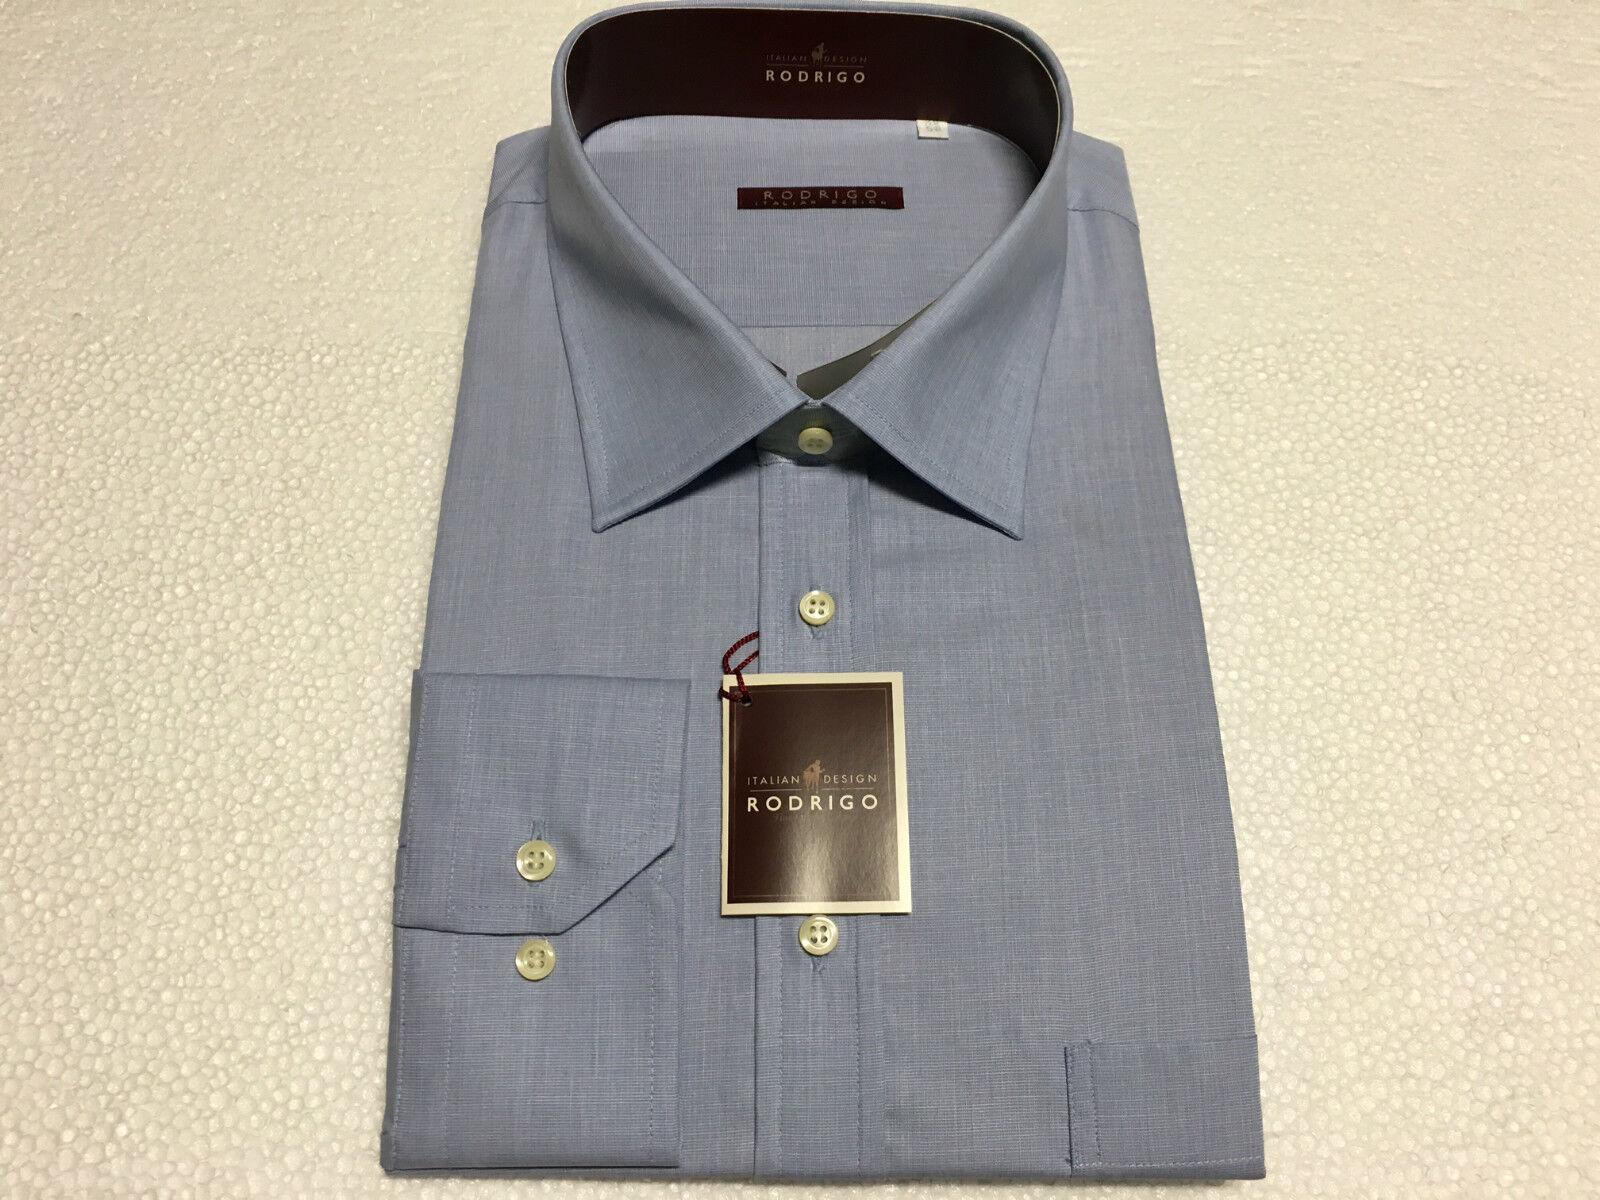 RODRIGO Herrenhemd Linea kalibriert himmlisch 100% Baumwolle 50-20 | Kaufen Kaufen Kaufen Sie online  c53929